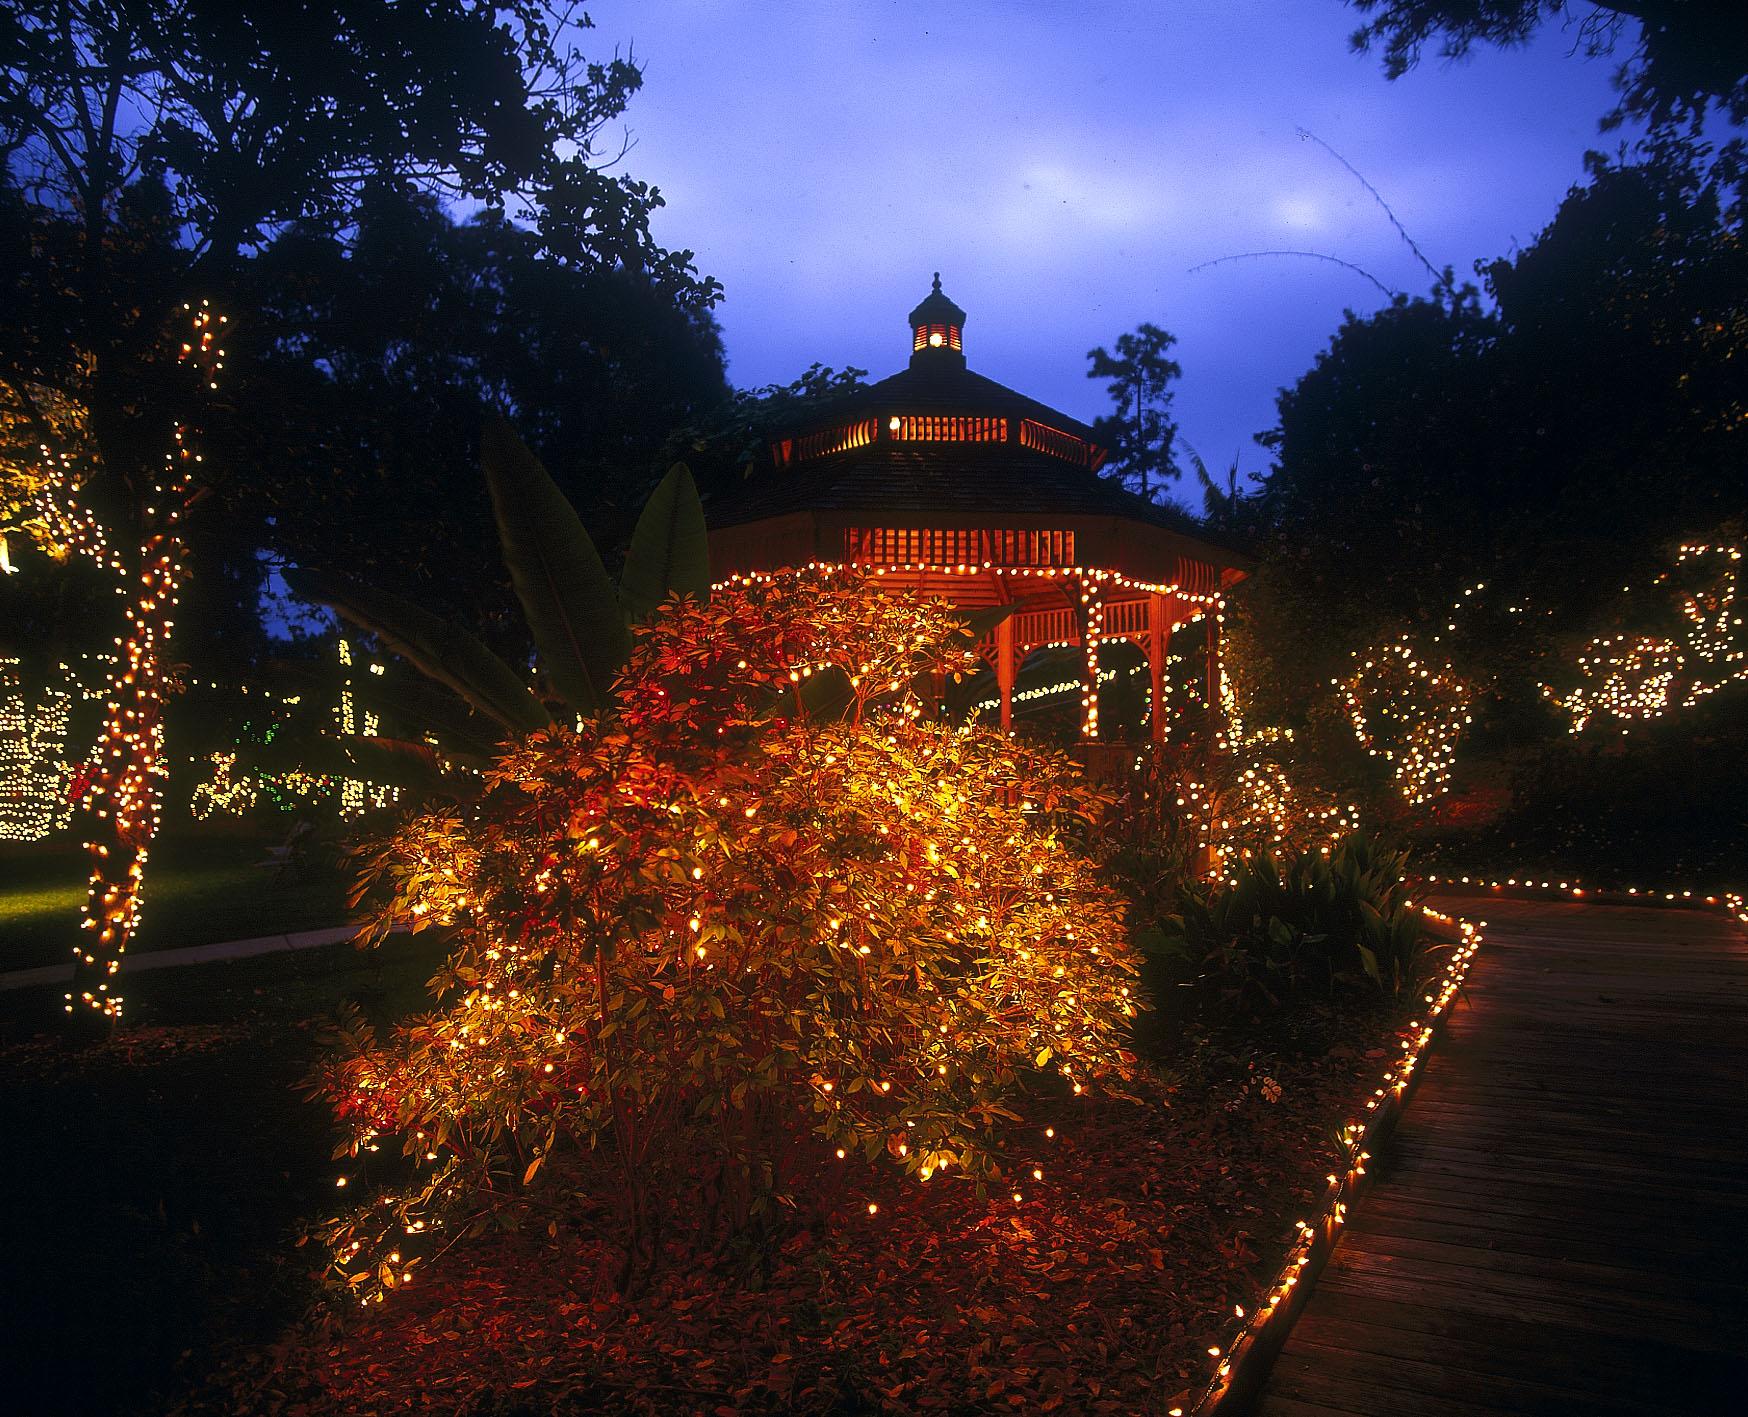 Holiday Garden Of Lights At San Diego Botanic Garden In